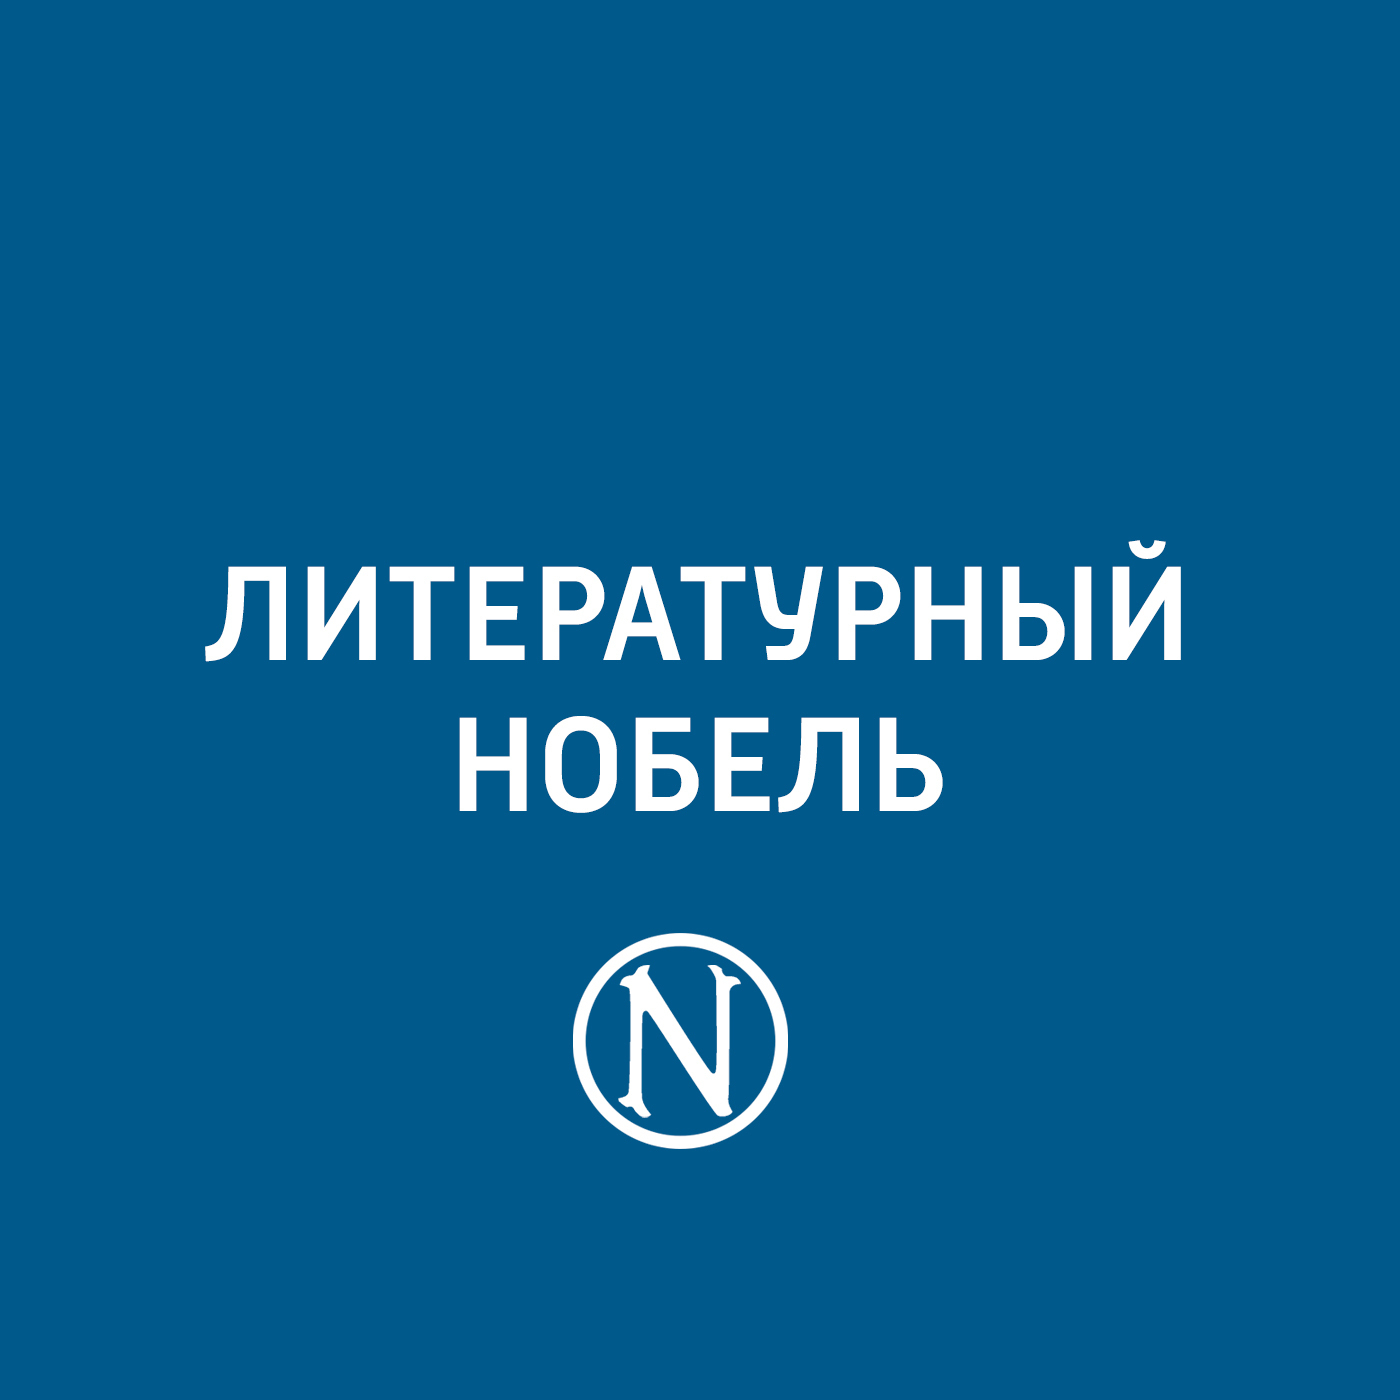 Фредерик Мистраль